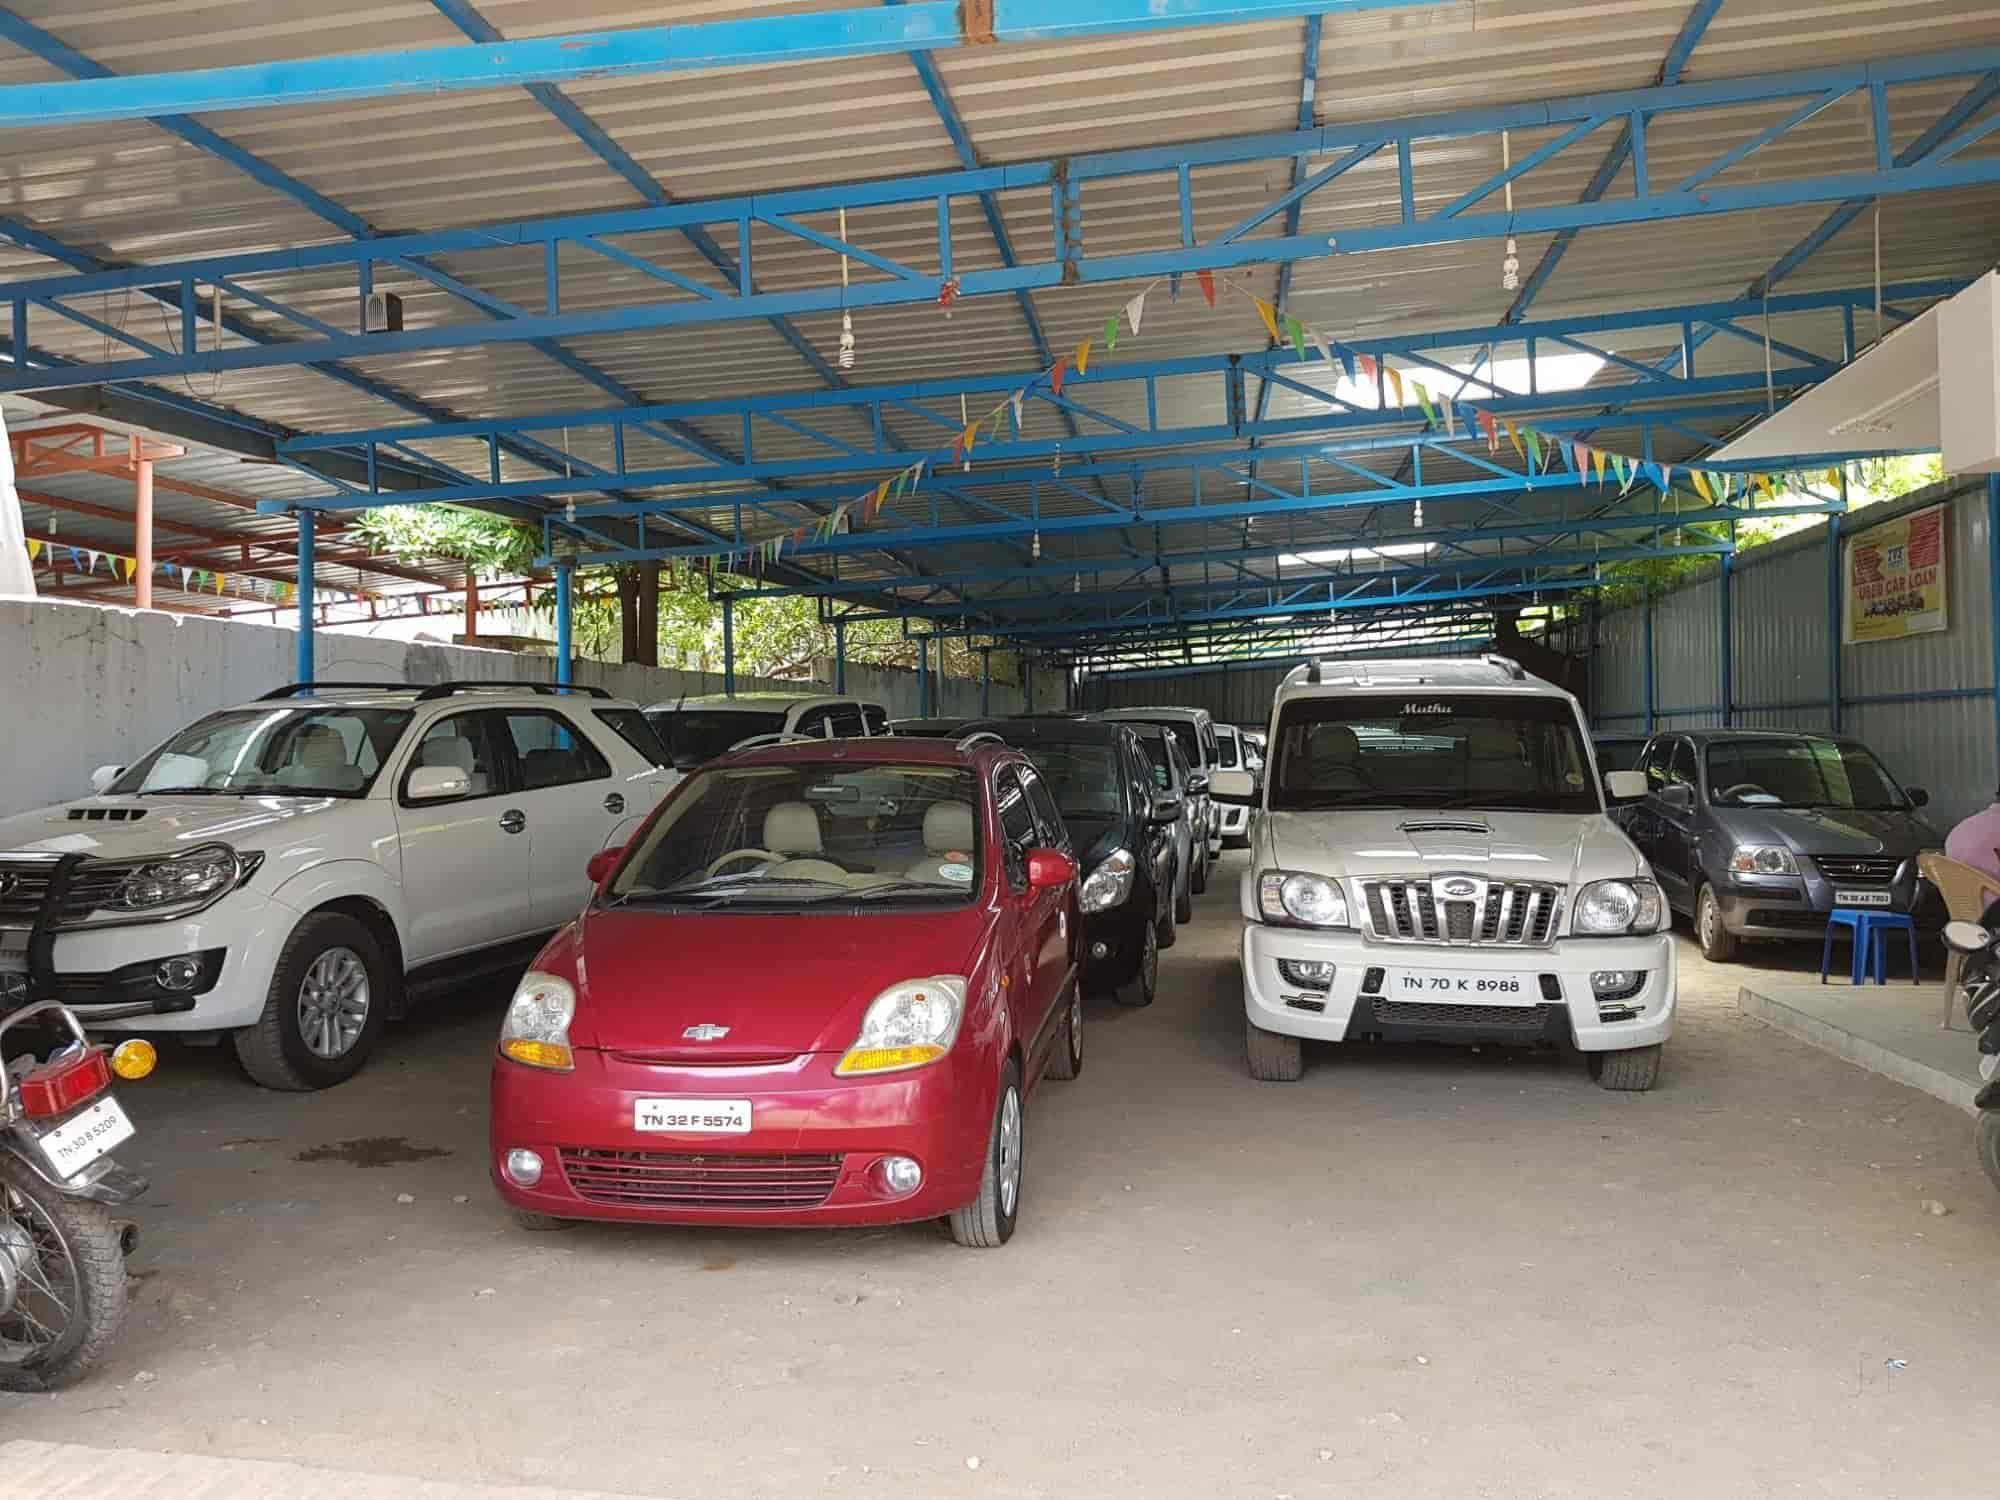 S R Cars Shankar Nagar Second Hand Car Dealers In Salem Justdial